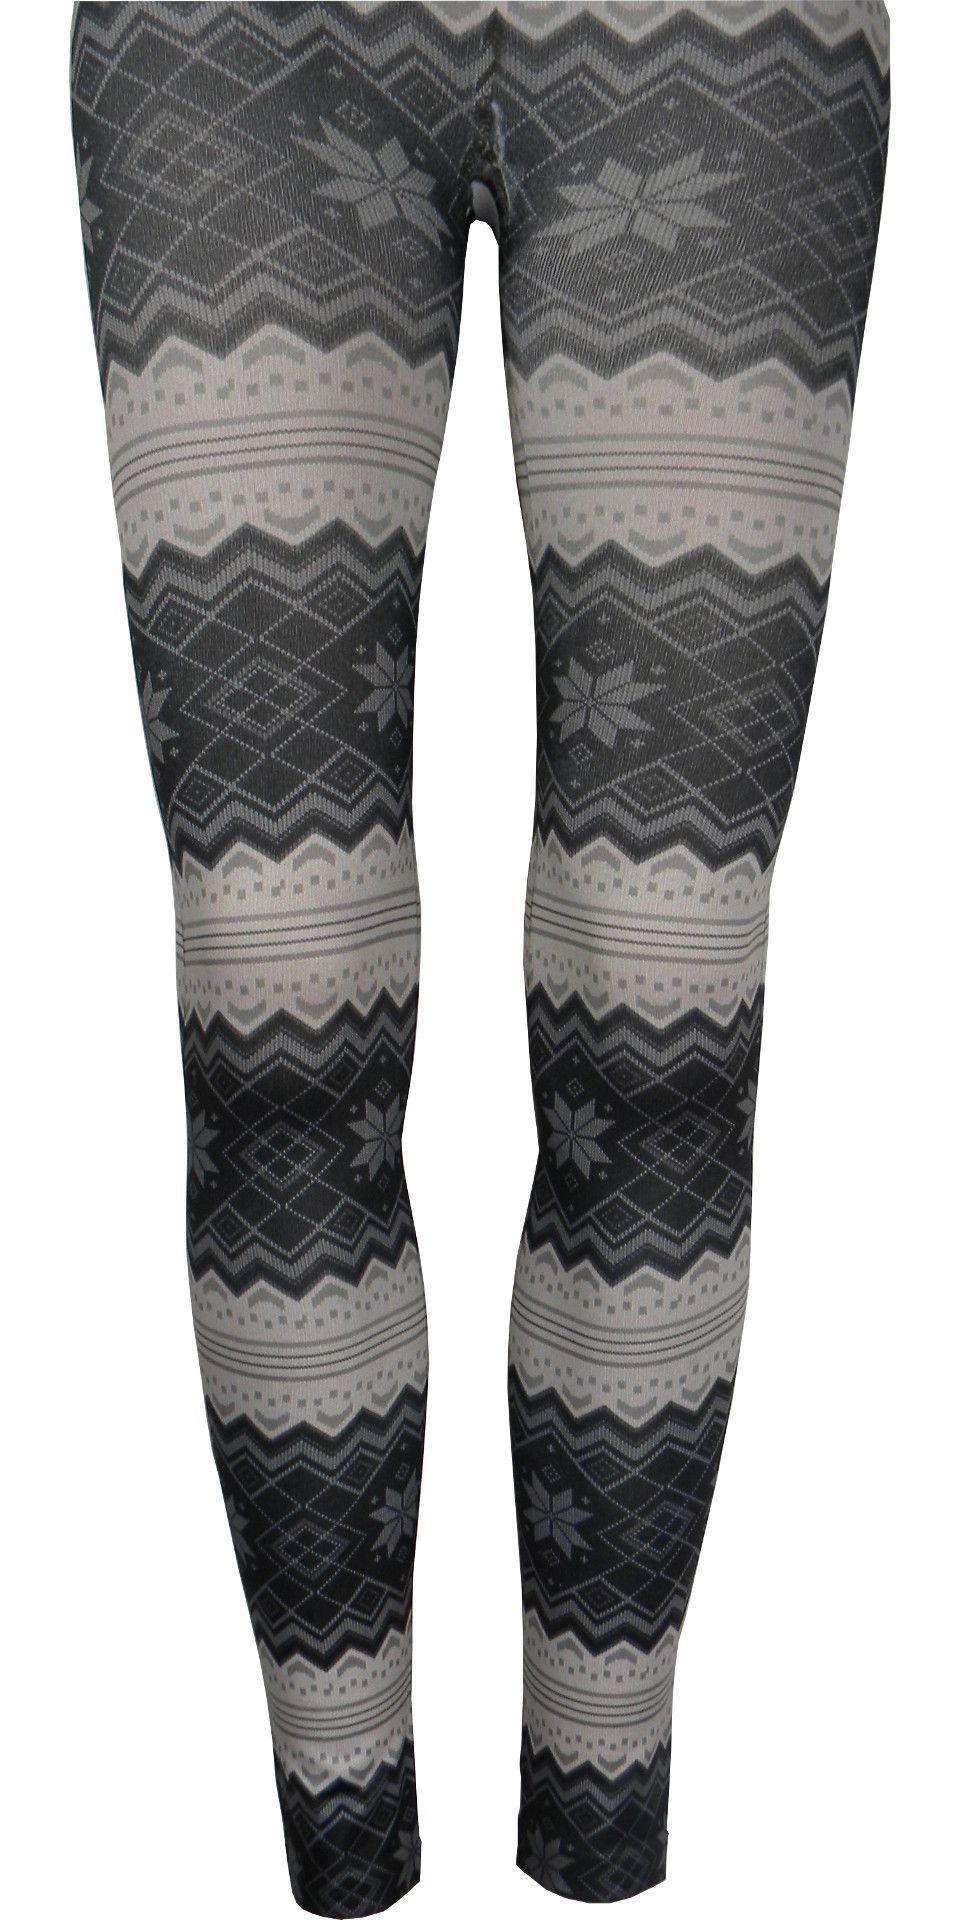 e89f84ea5 Nordic Print Fleece Lined Leggings in Ivory - Ivory / regular ...